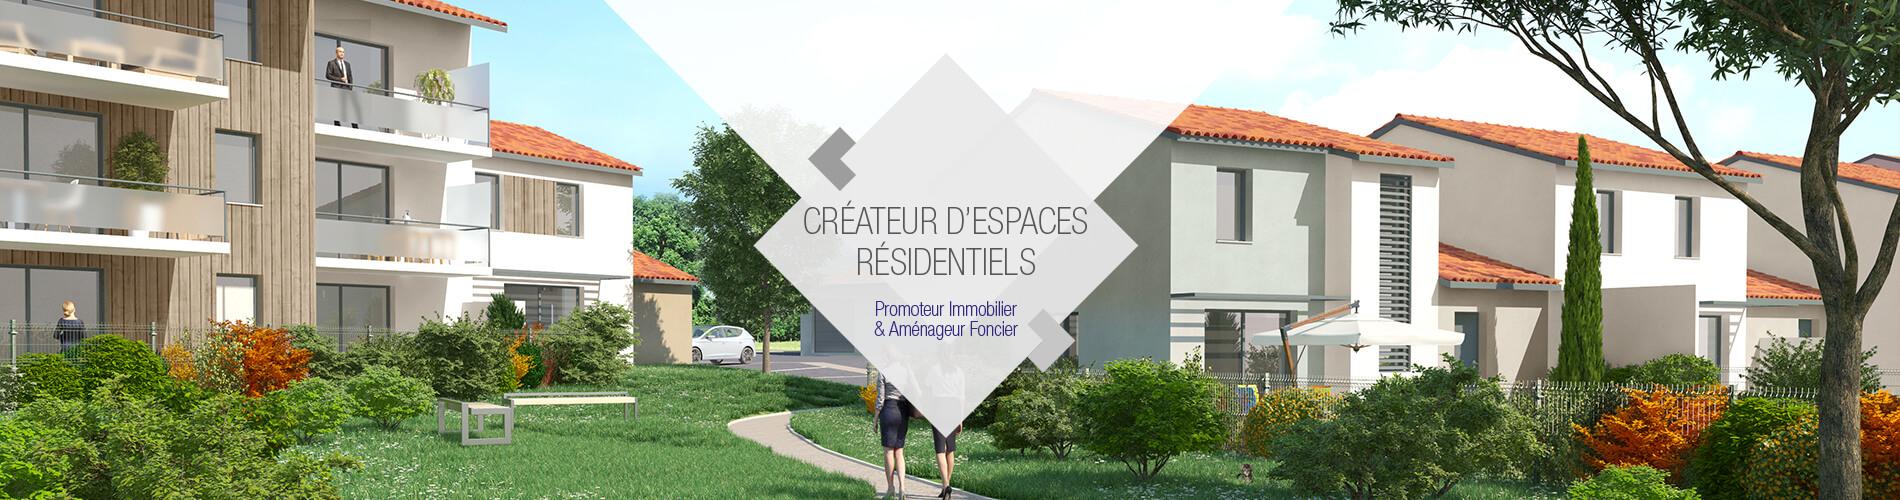 BG Promotion - Créateur d'espaces résidentiels